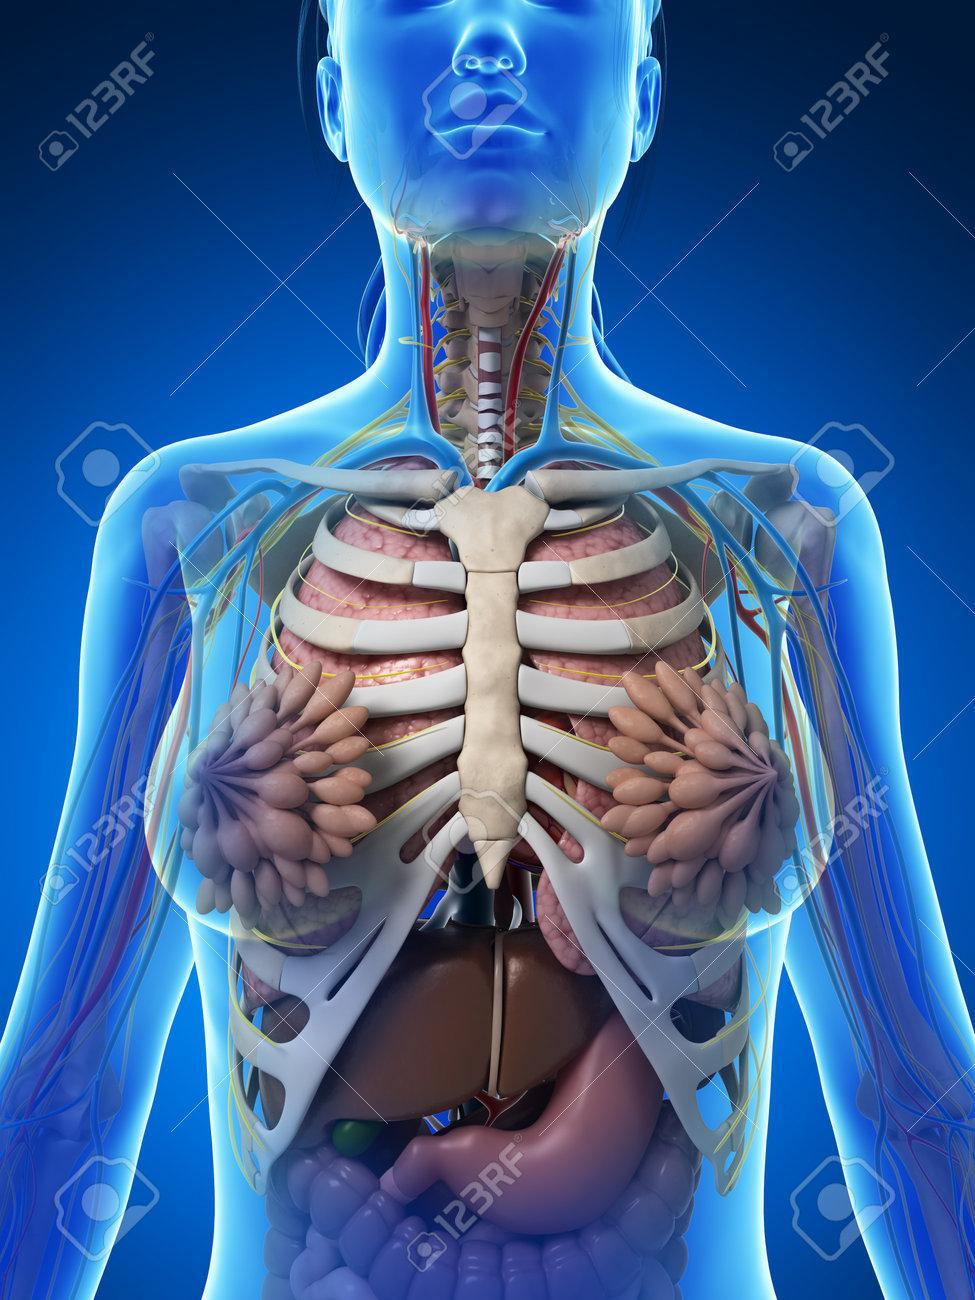 3d Gerenderten Darstellung Der Weiblichen Anatomie Lizenzfreie Fotos ...